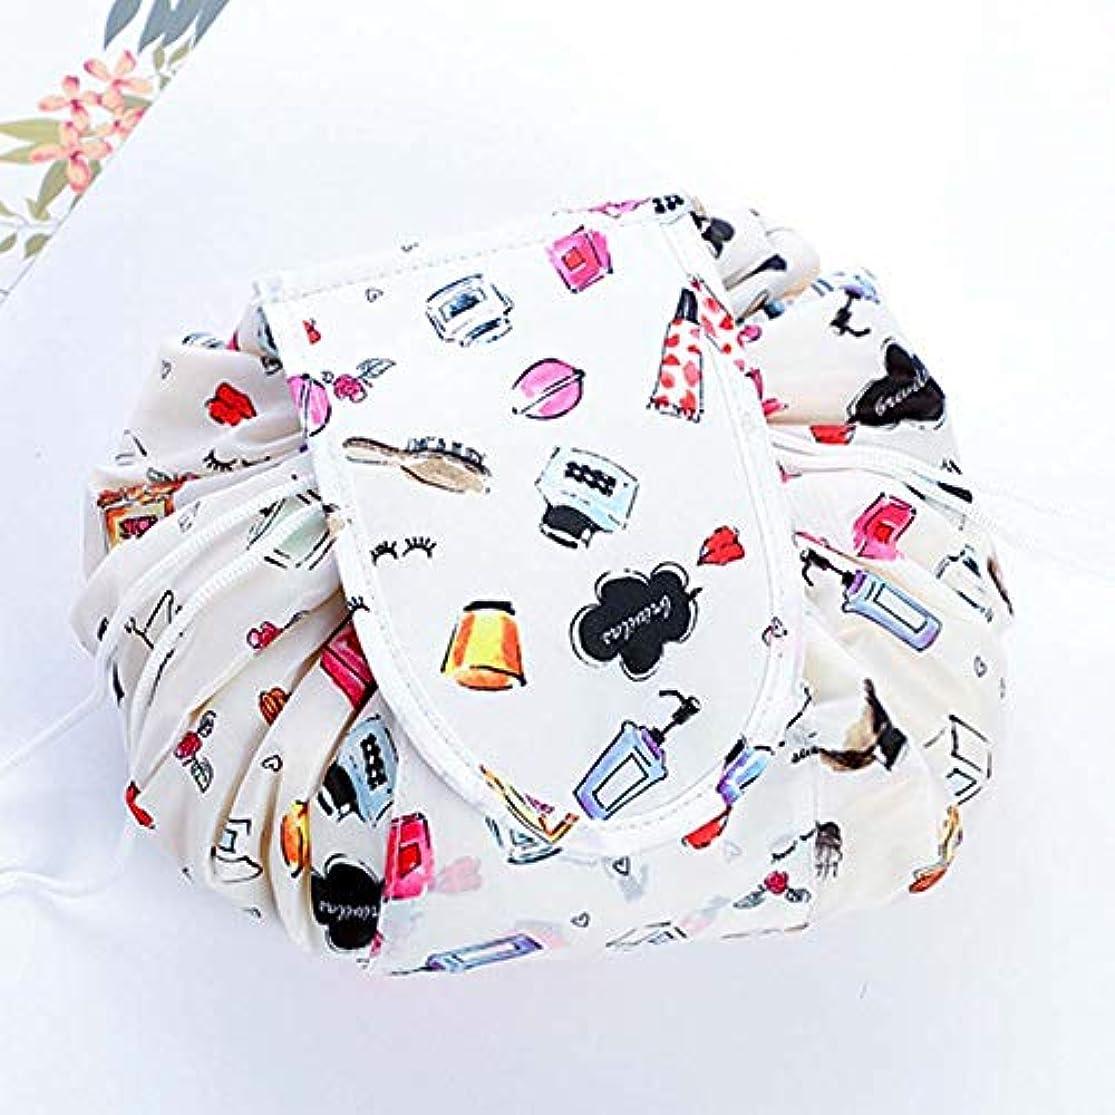 加速するぴったり定規LORAER Qianer 化粧バッグ 化粧ポーチ マジックポーチ 巾着型 丸型 メイクバッグ 風呂敷 レディース 防水 大容量 折り畳み コンパクト 超軽量 収納携帯用 便利 出張 旅行 人気 おしゃれ 可愛い(H06)